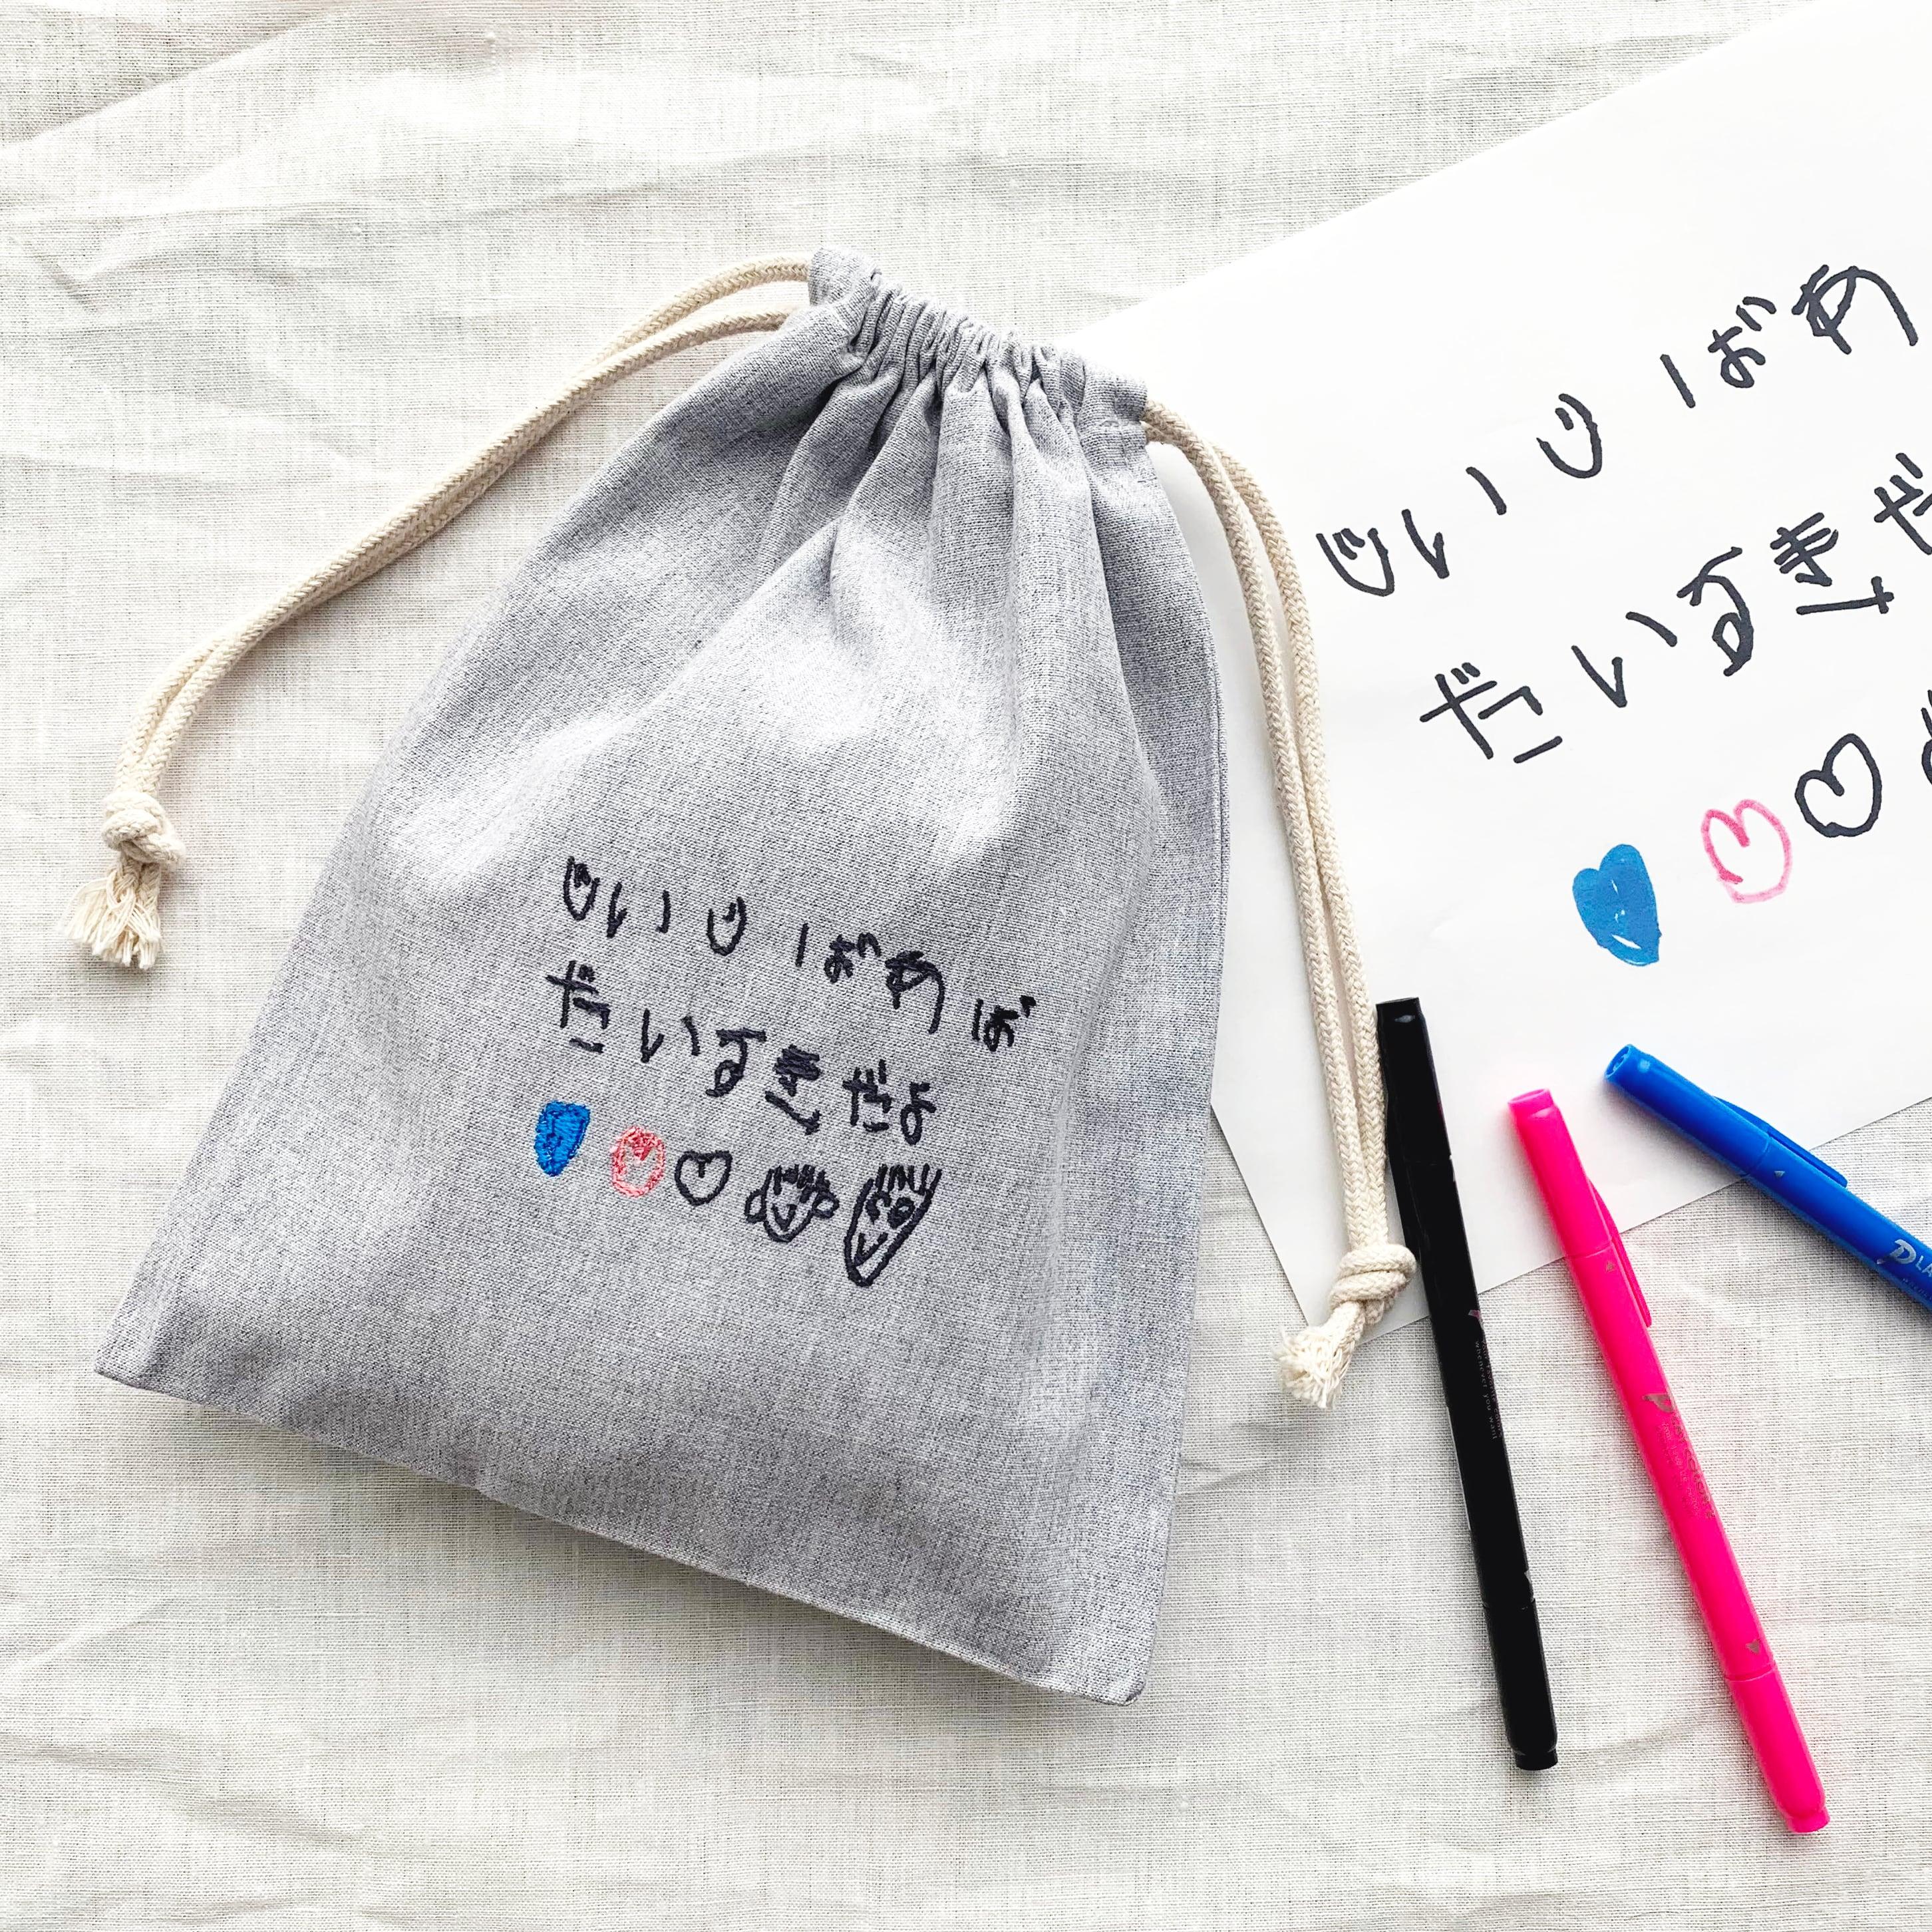 こどものおえかき刺繍ポーチ(お手紙加工付)